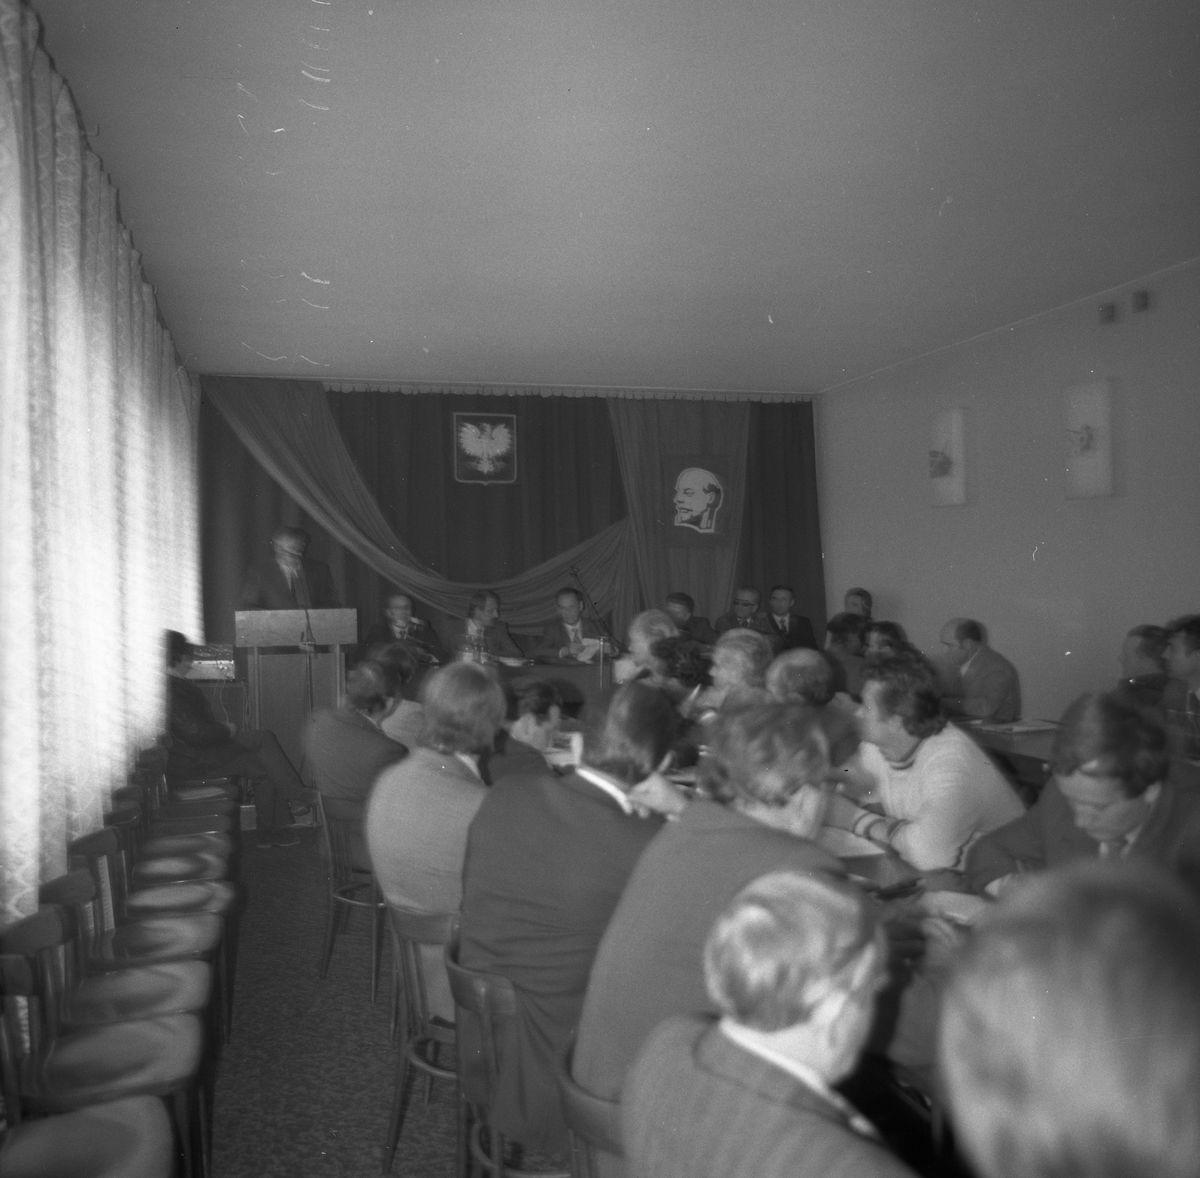 Wizyta konsula ZSRR w siedzibie KM PZPR [9]